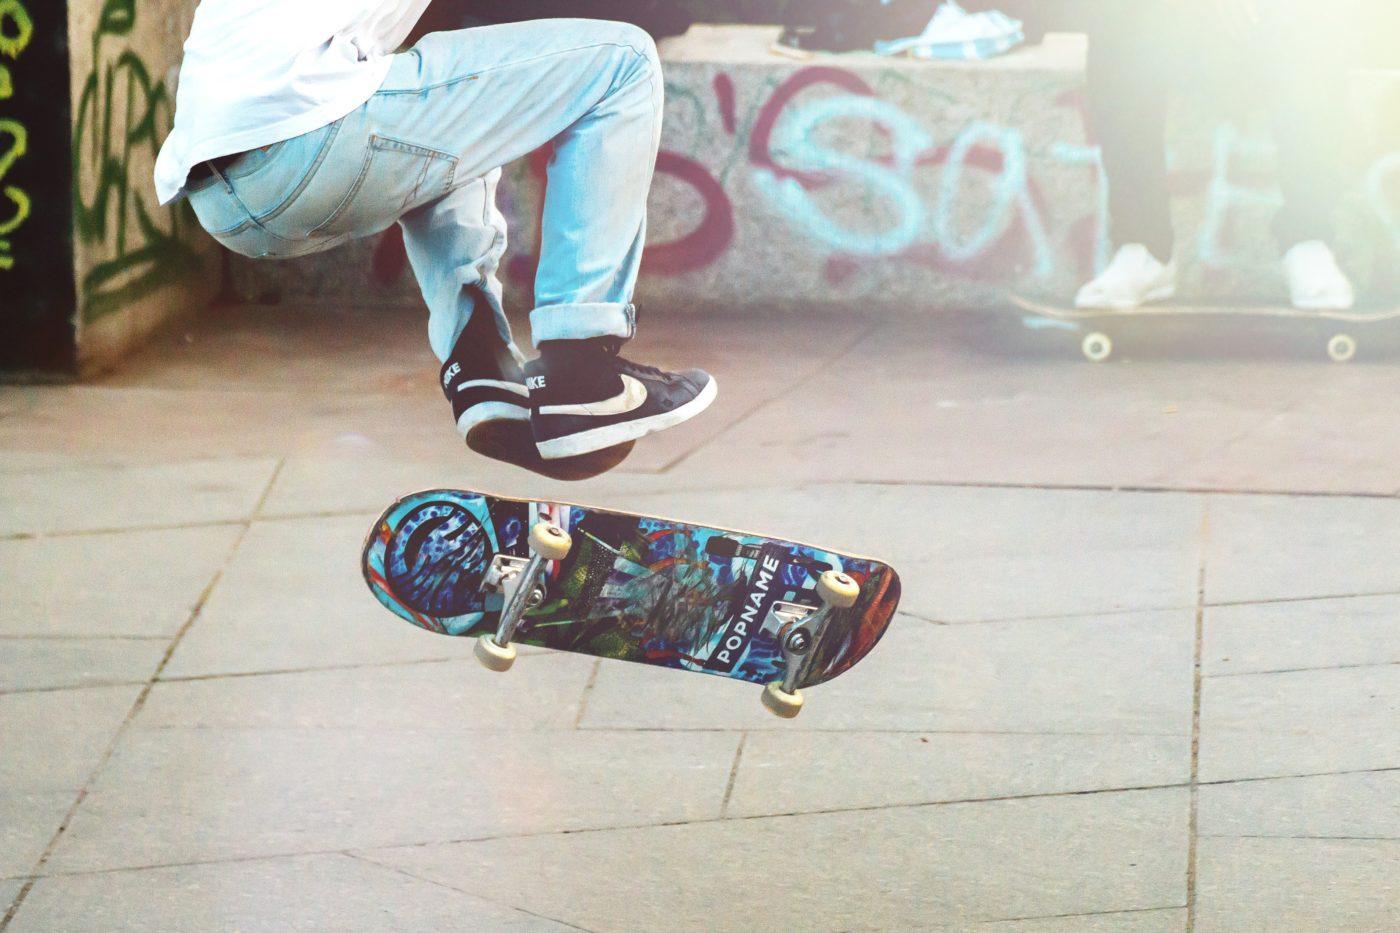 city break: explore by skateboard